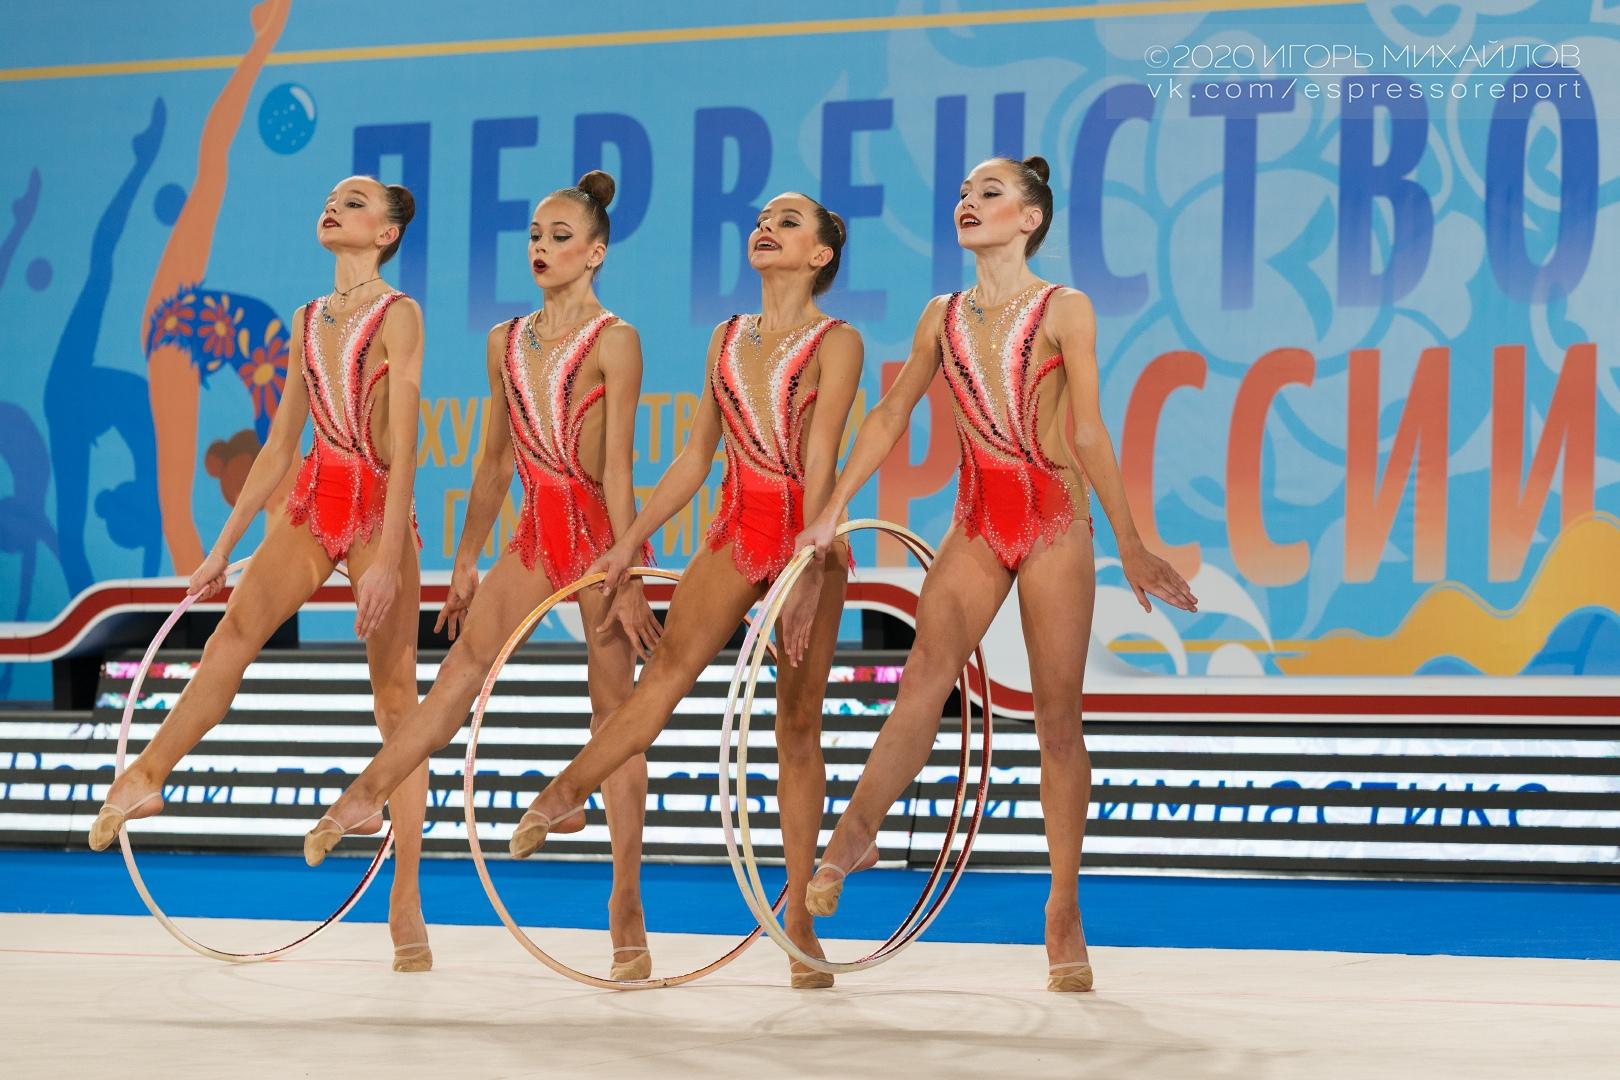 Первенство России по художественной гимнастике: как прошли первые этапы соревнований